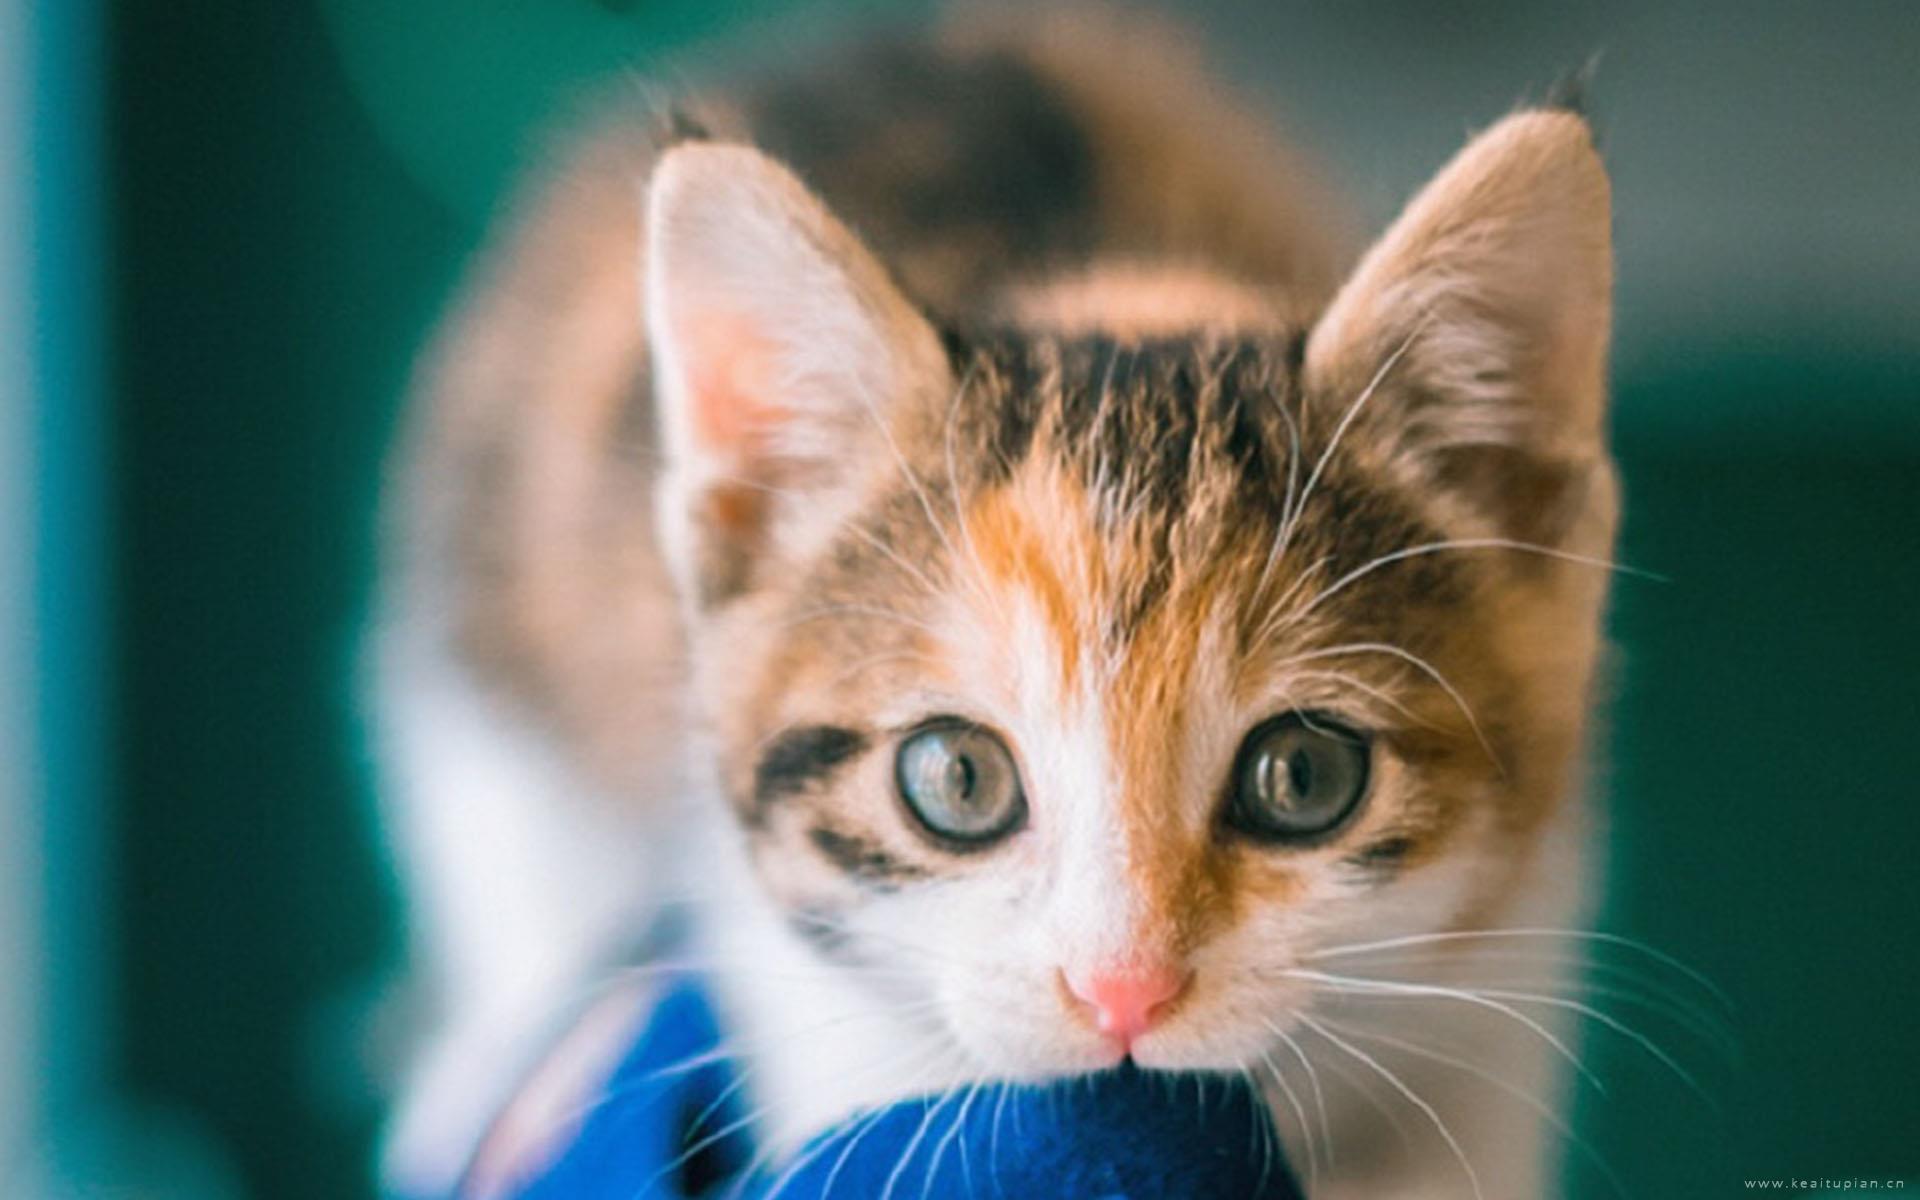 呆萌的可爱猫咪高清动物桌面壁纸图片